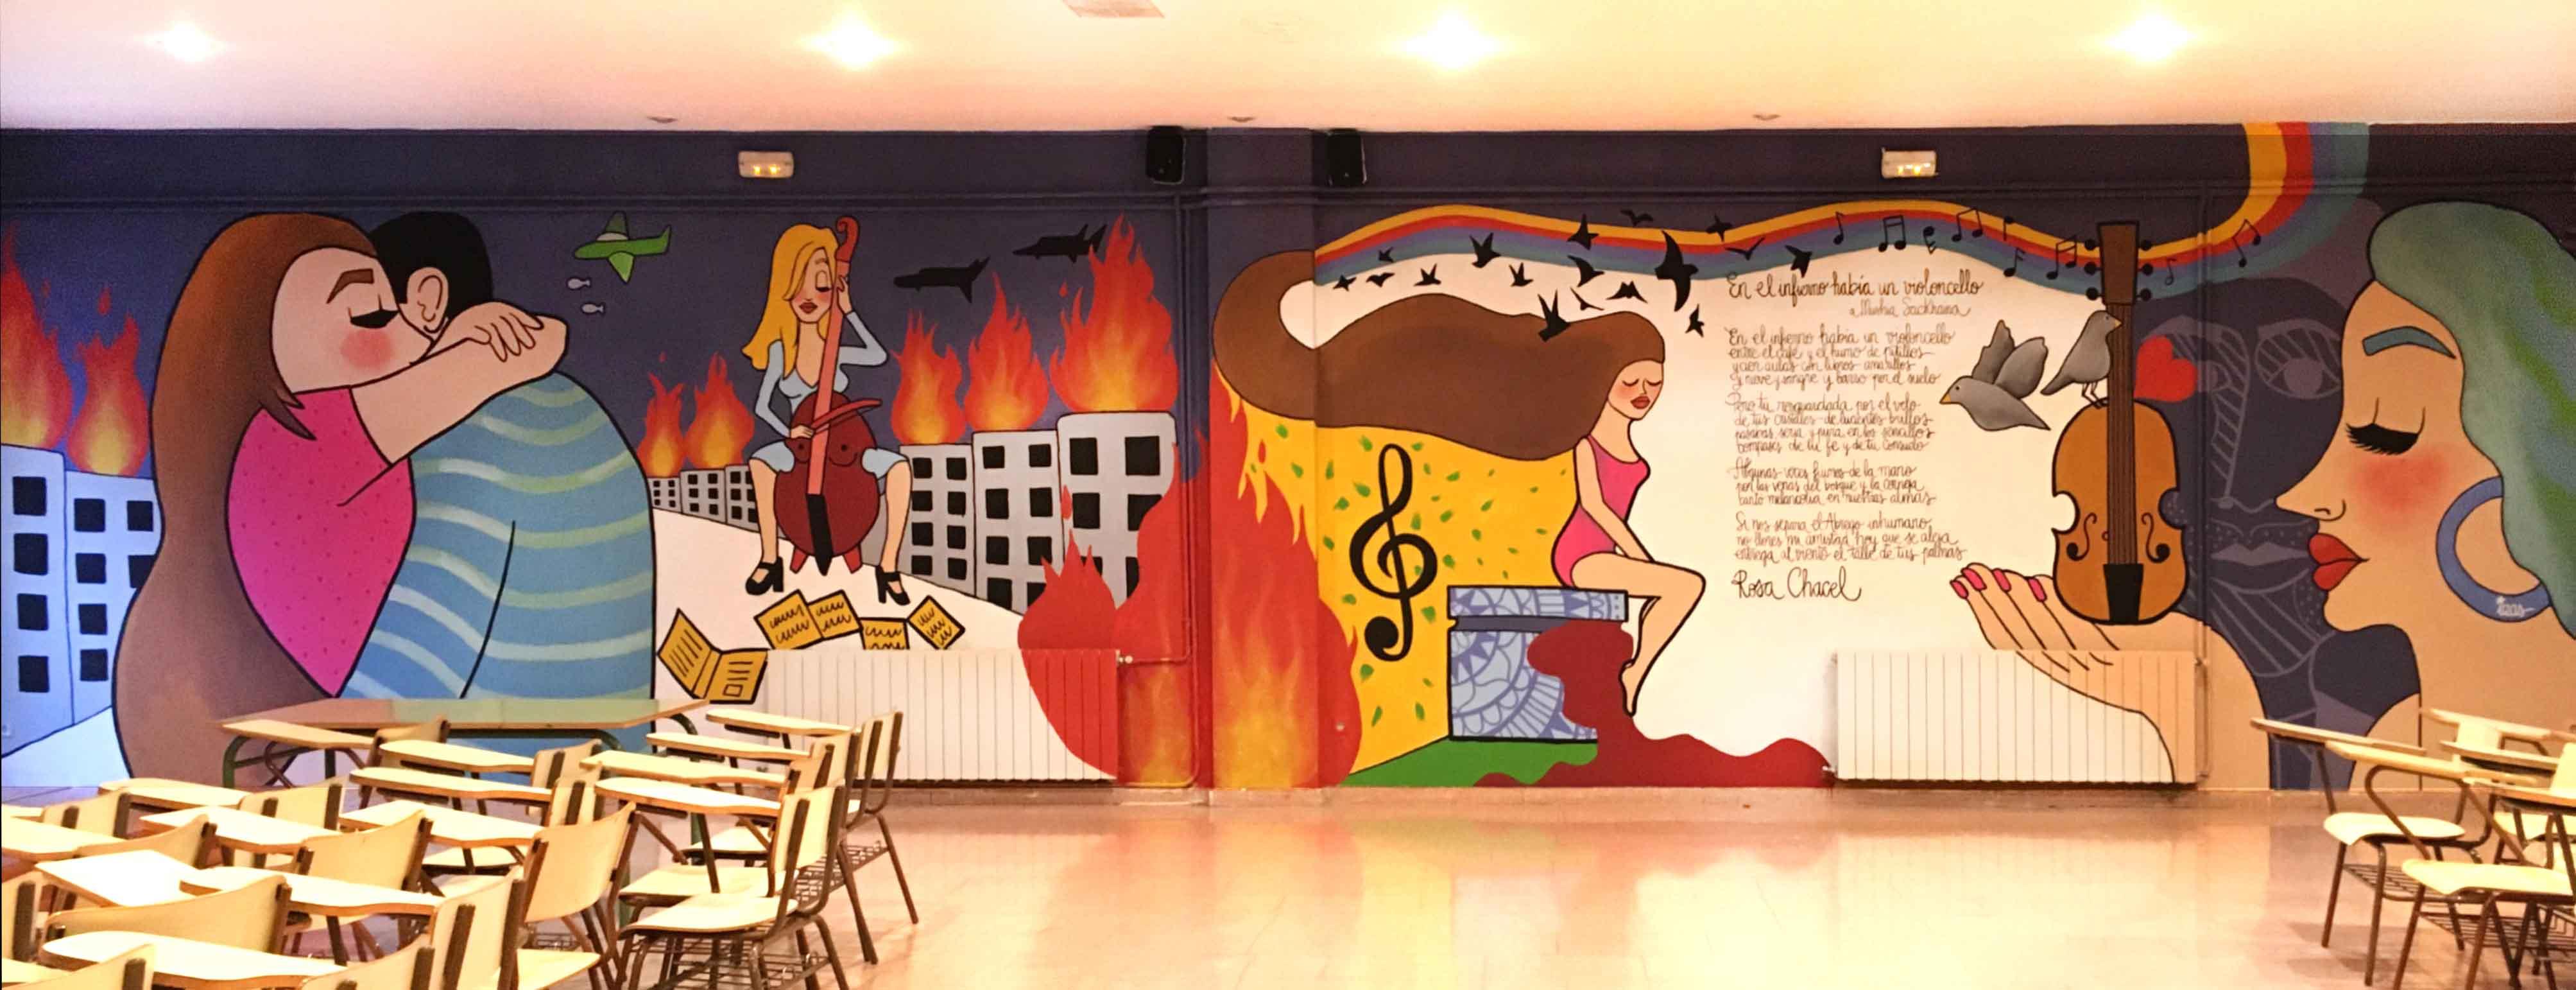 mural izas dibujando la palabra valladolid 5